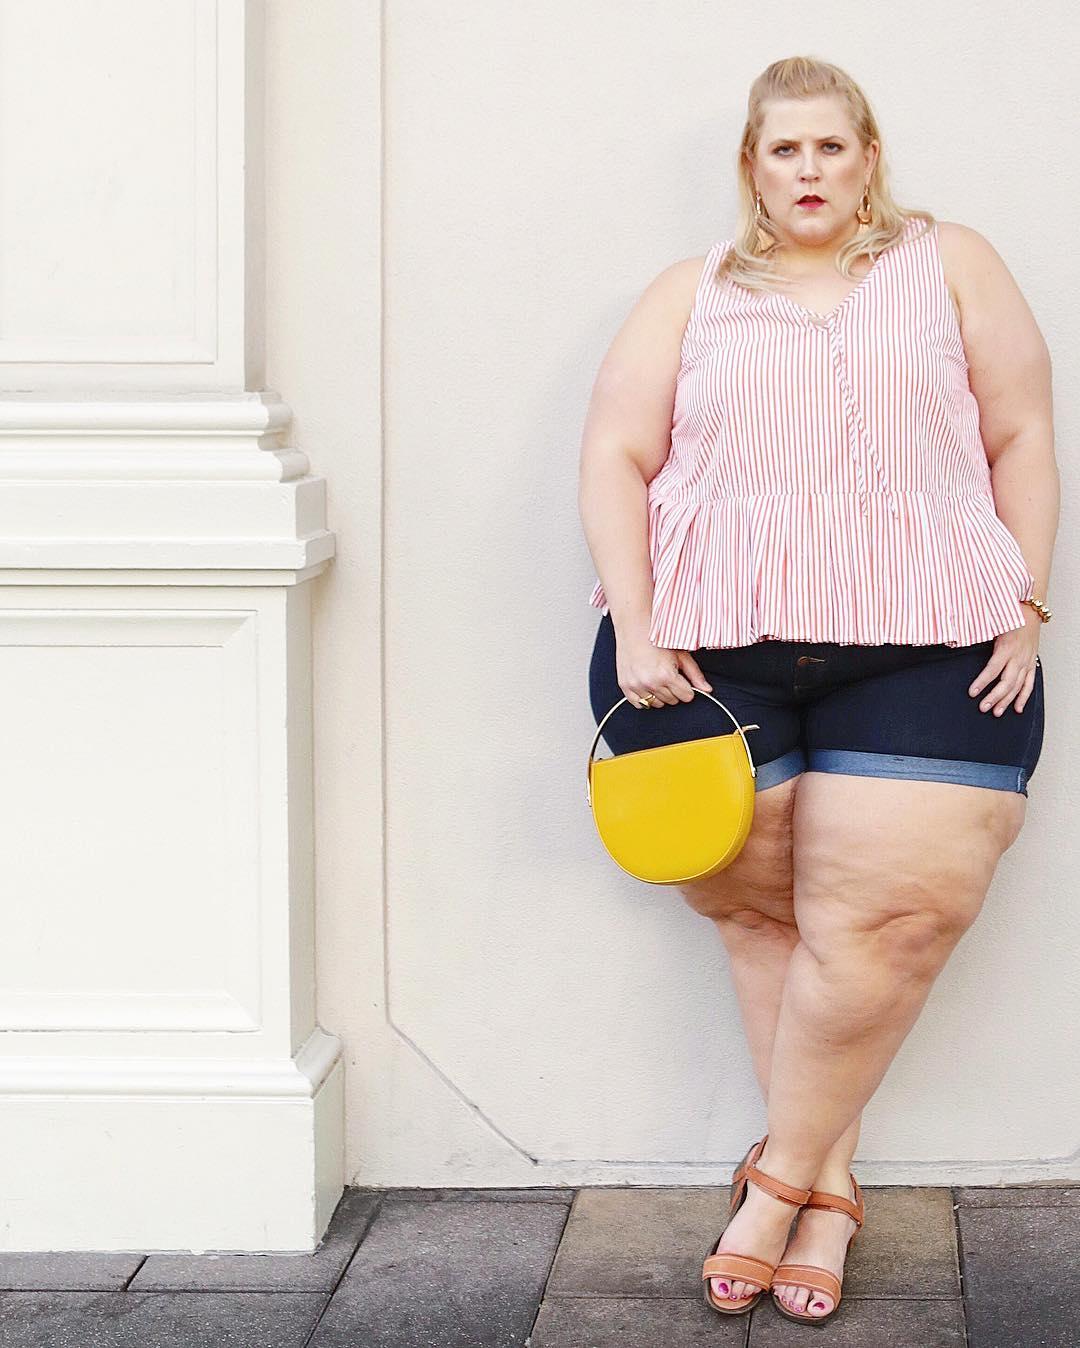 Толстую блогершу попросили прикрыться во время фотосессии в бикини